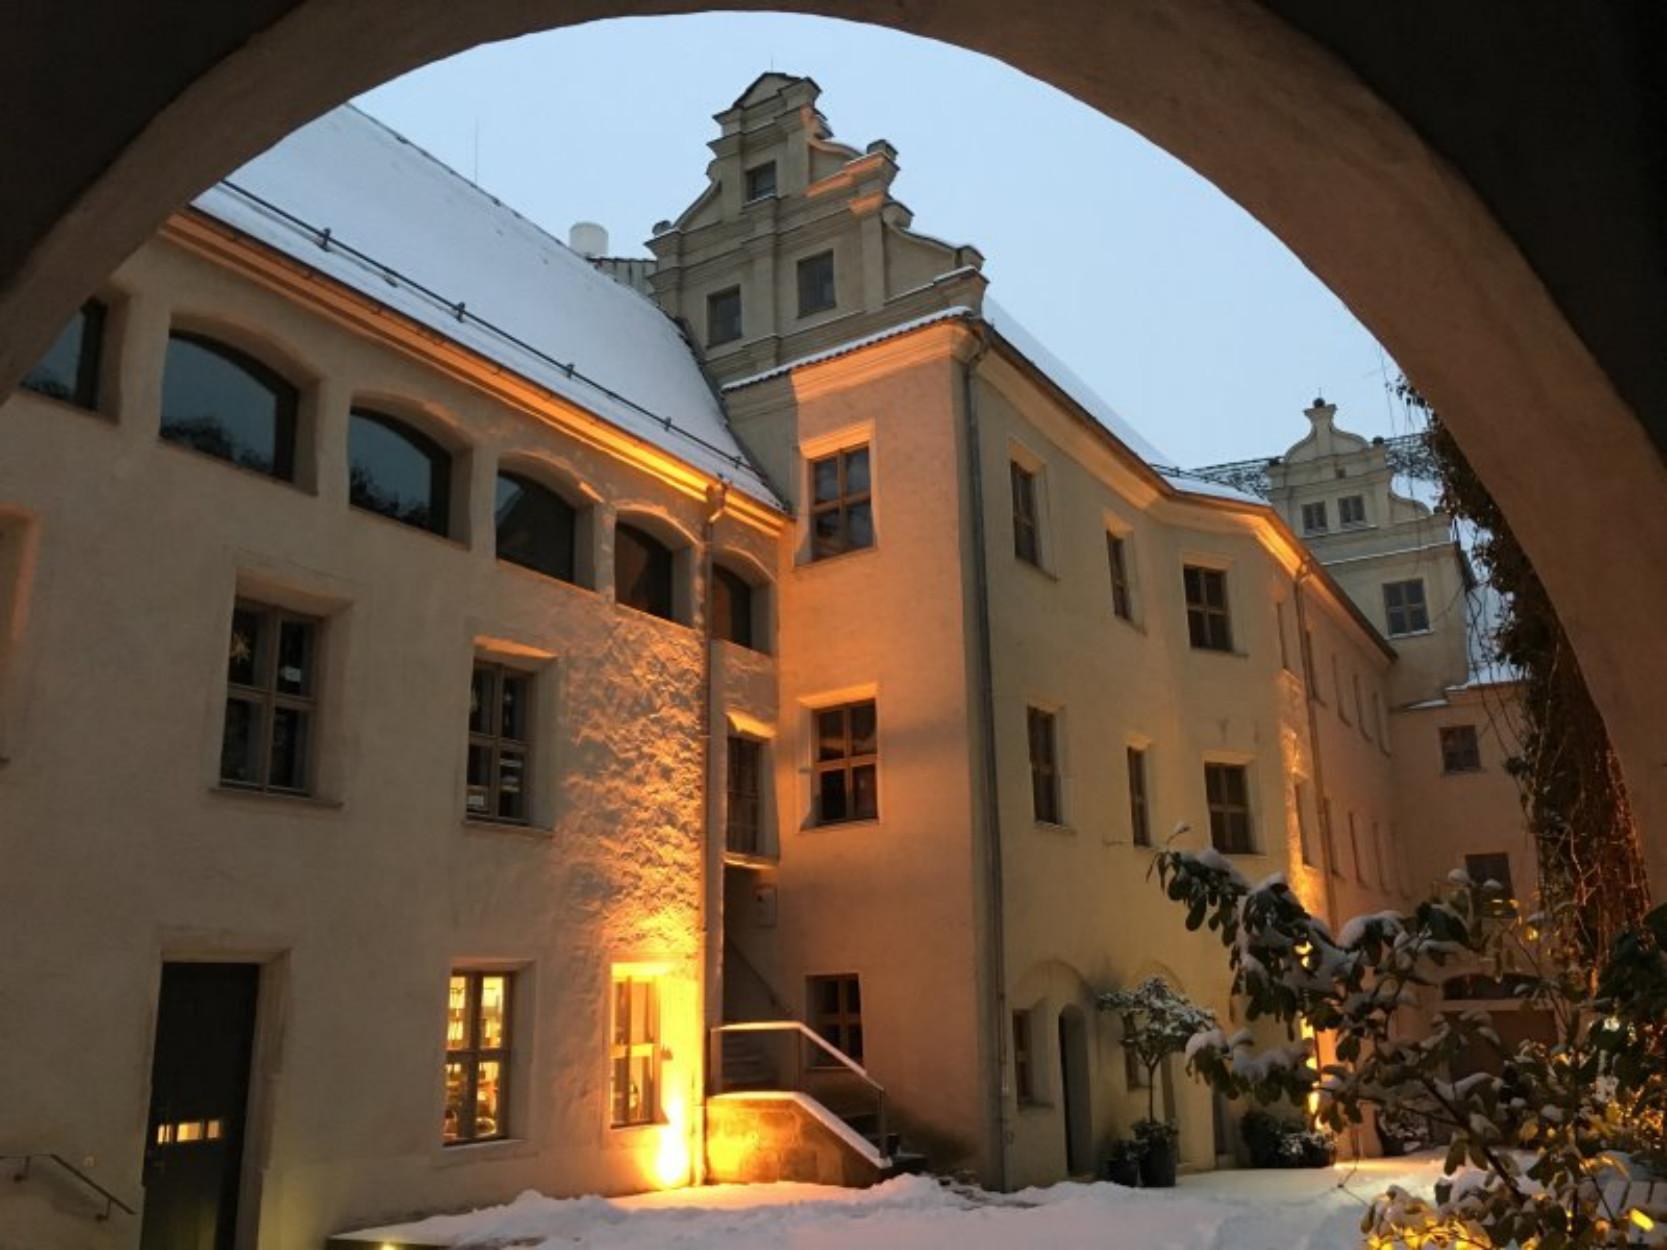 Geschäftsstelle des CAMPUS WITTENBERG im Cranach-Hof, Markt 4, Wittenberg (mittlere Treppe ins 1. OG rechts - 5 Fenster)